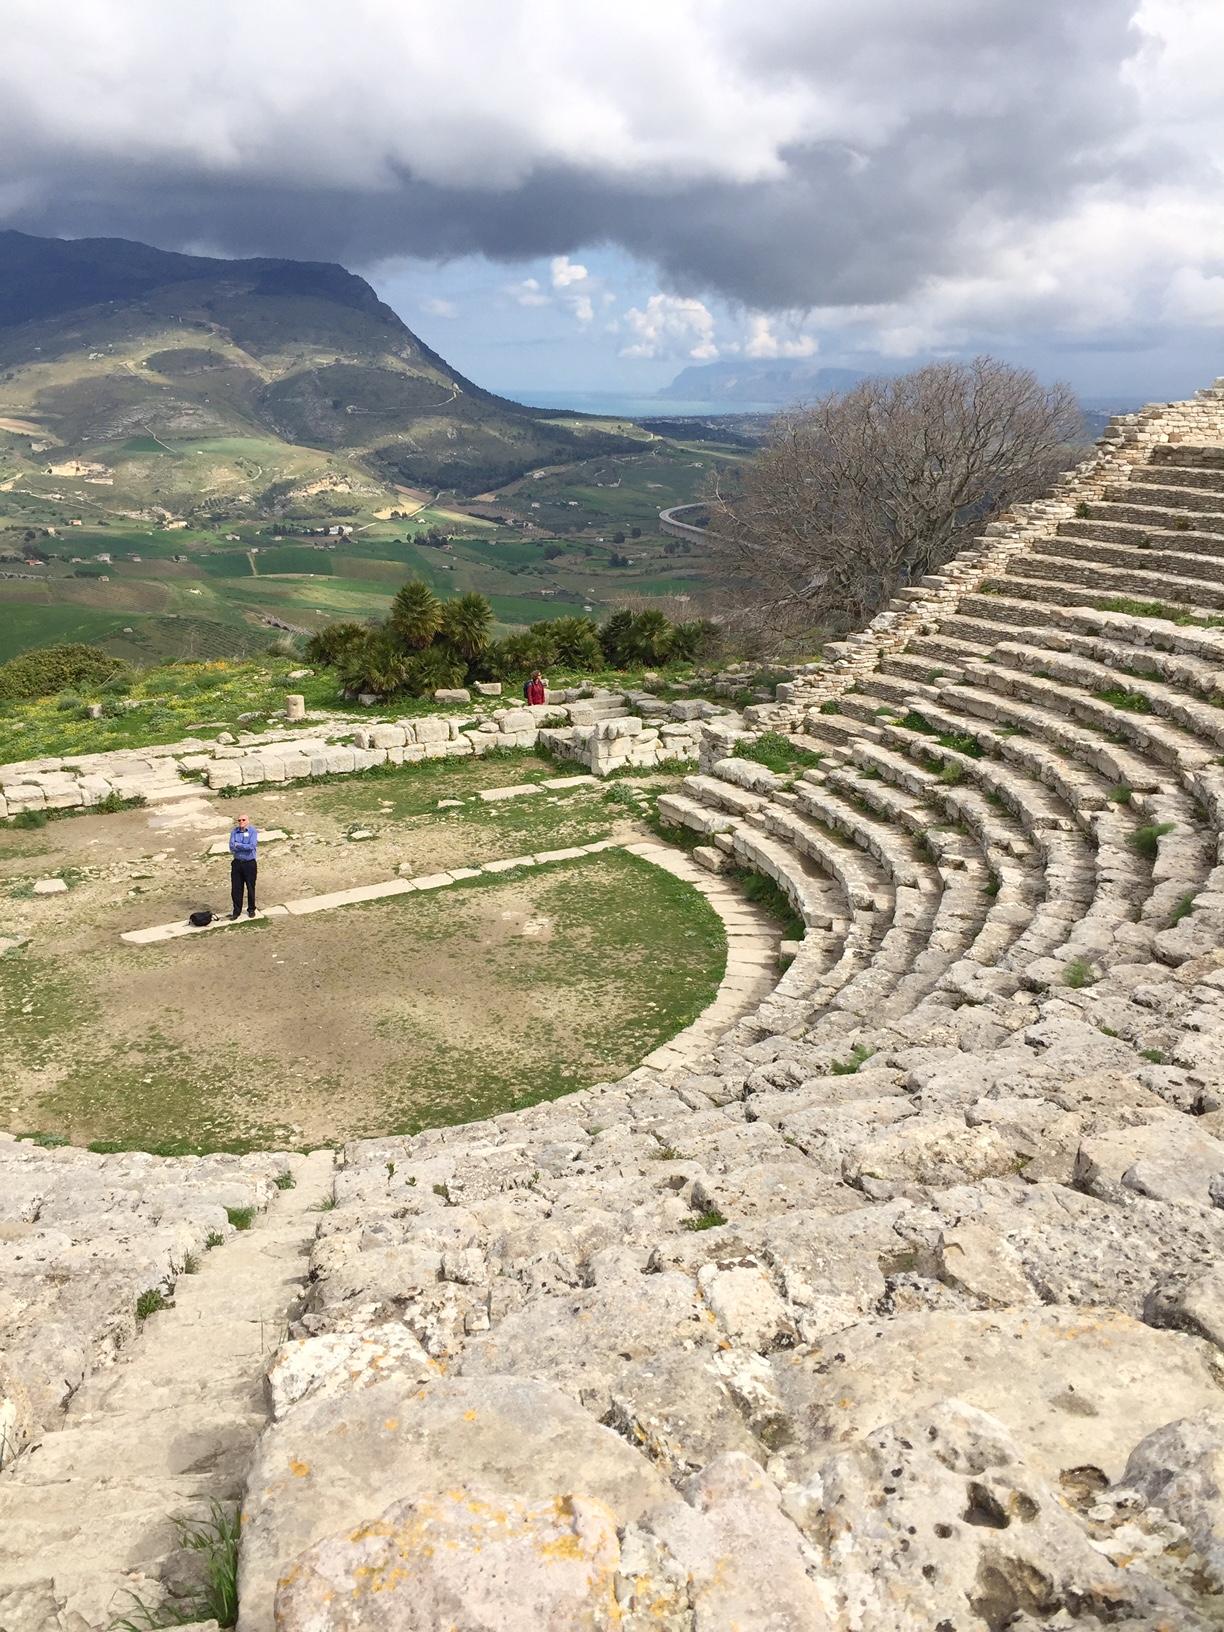 Italy-Sicily-Greek-ampitheater-Sharon-Birke